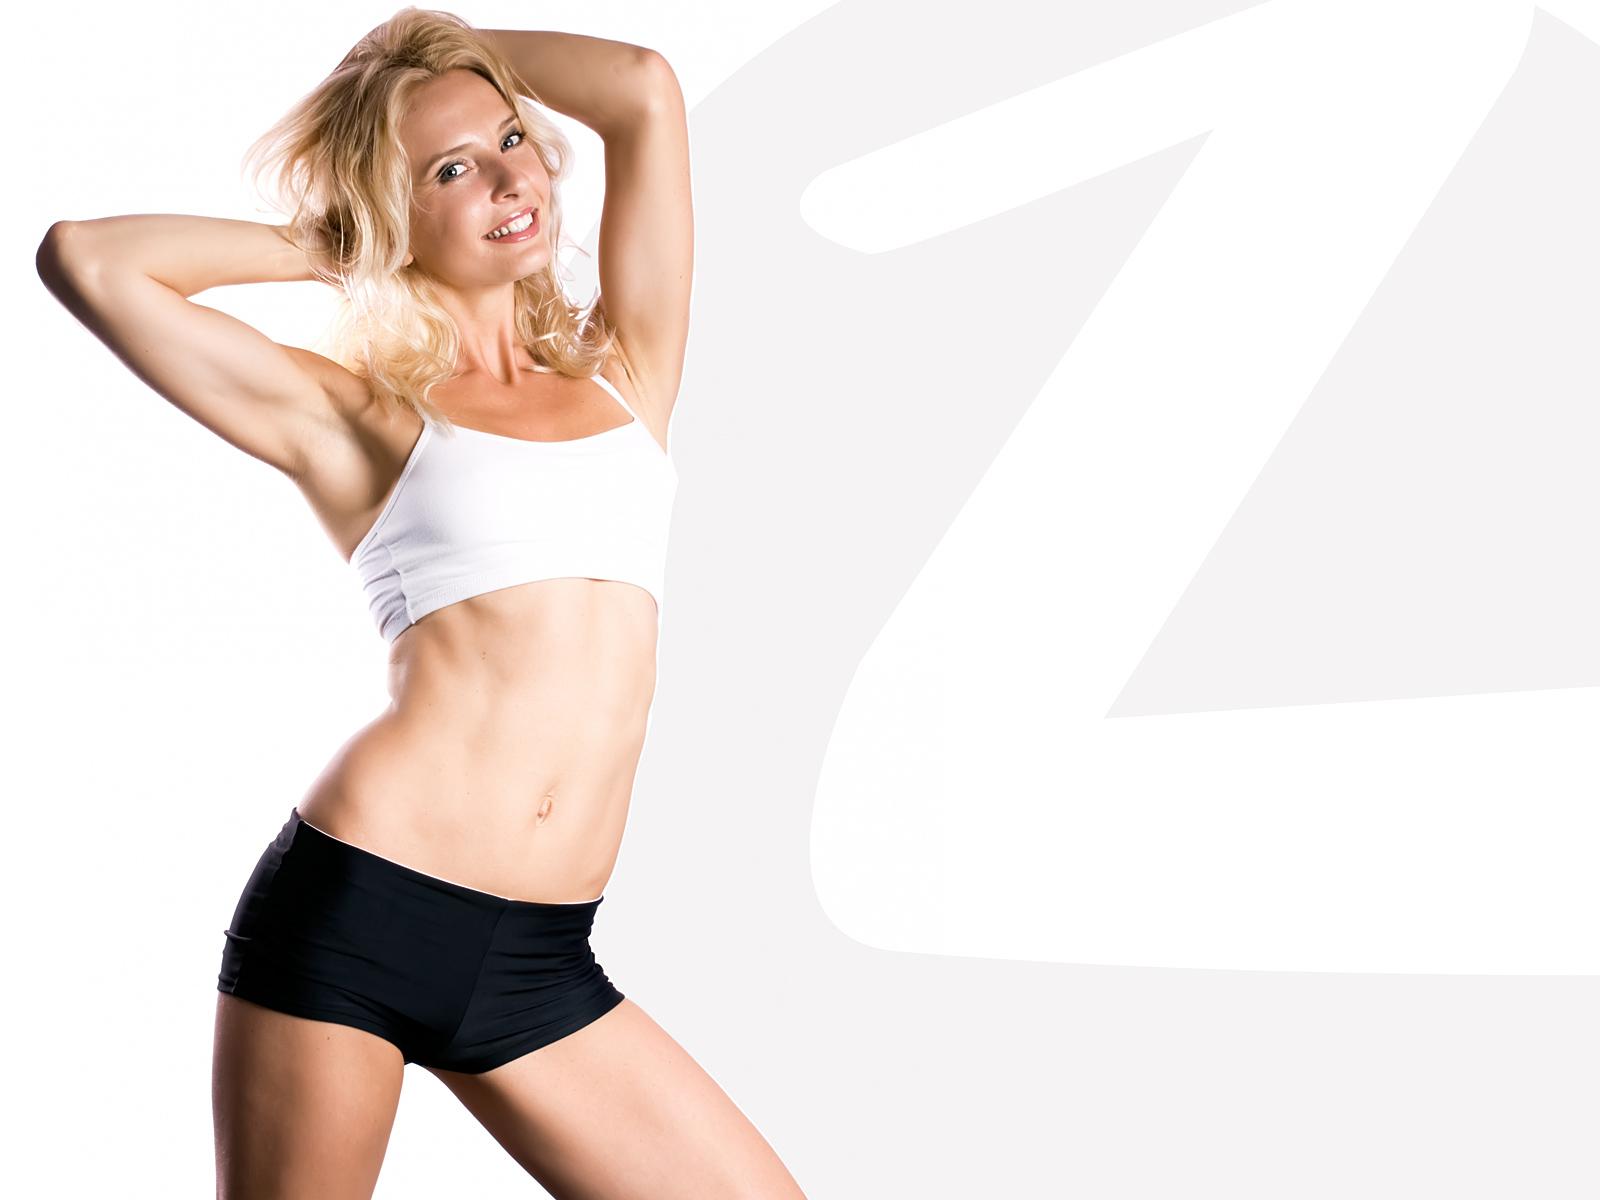 питание перед тренировкой и после для похудения